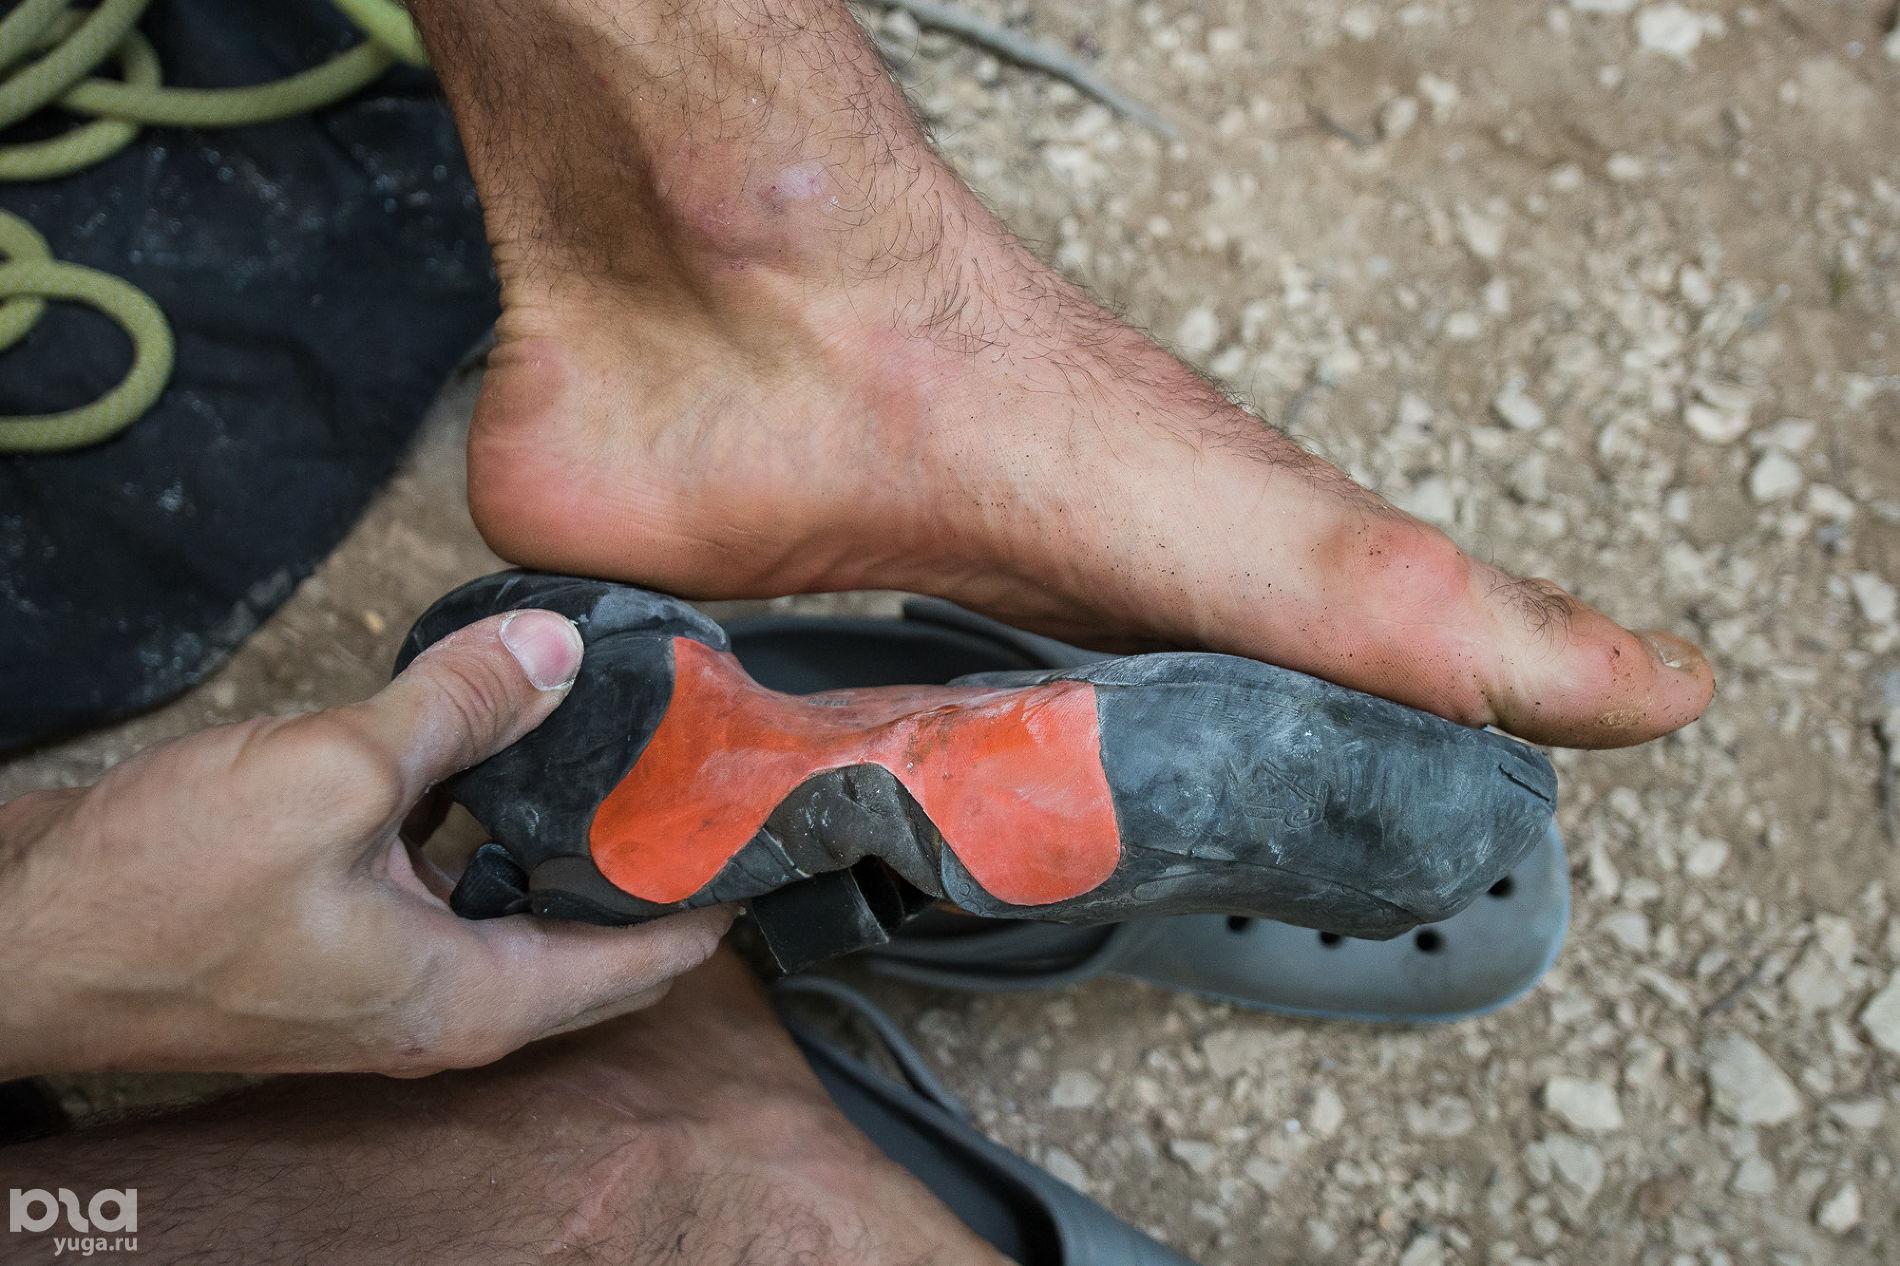 Сравнение размера ноги и обуви для скалолазания